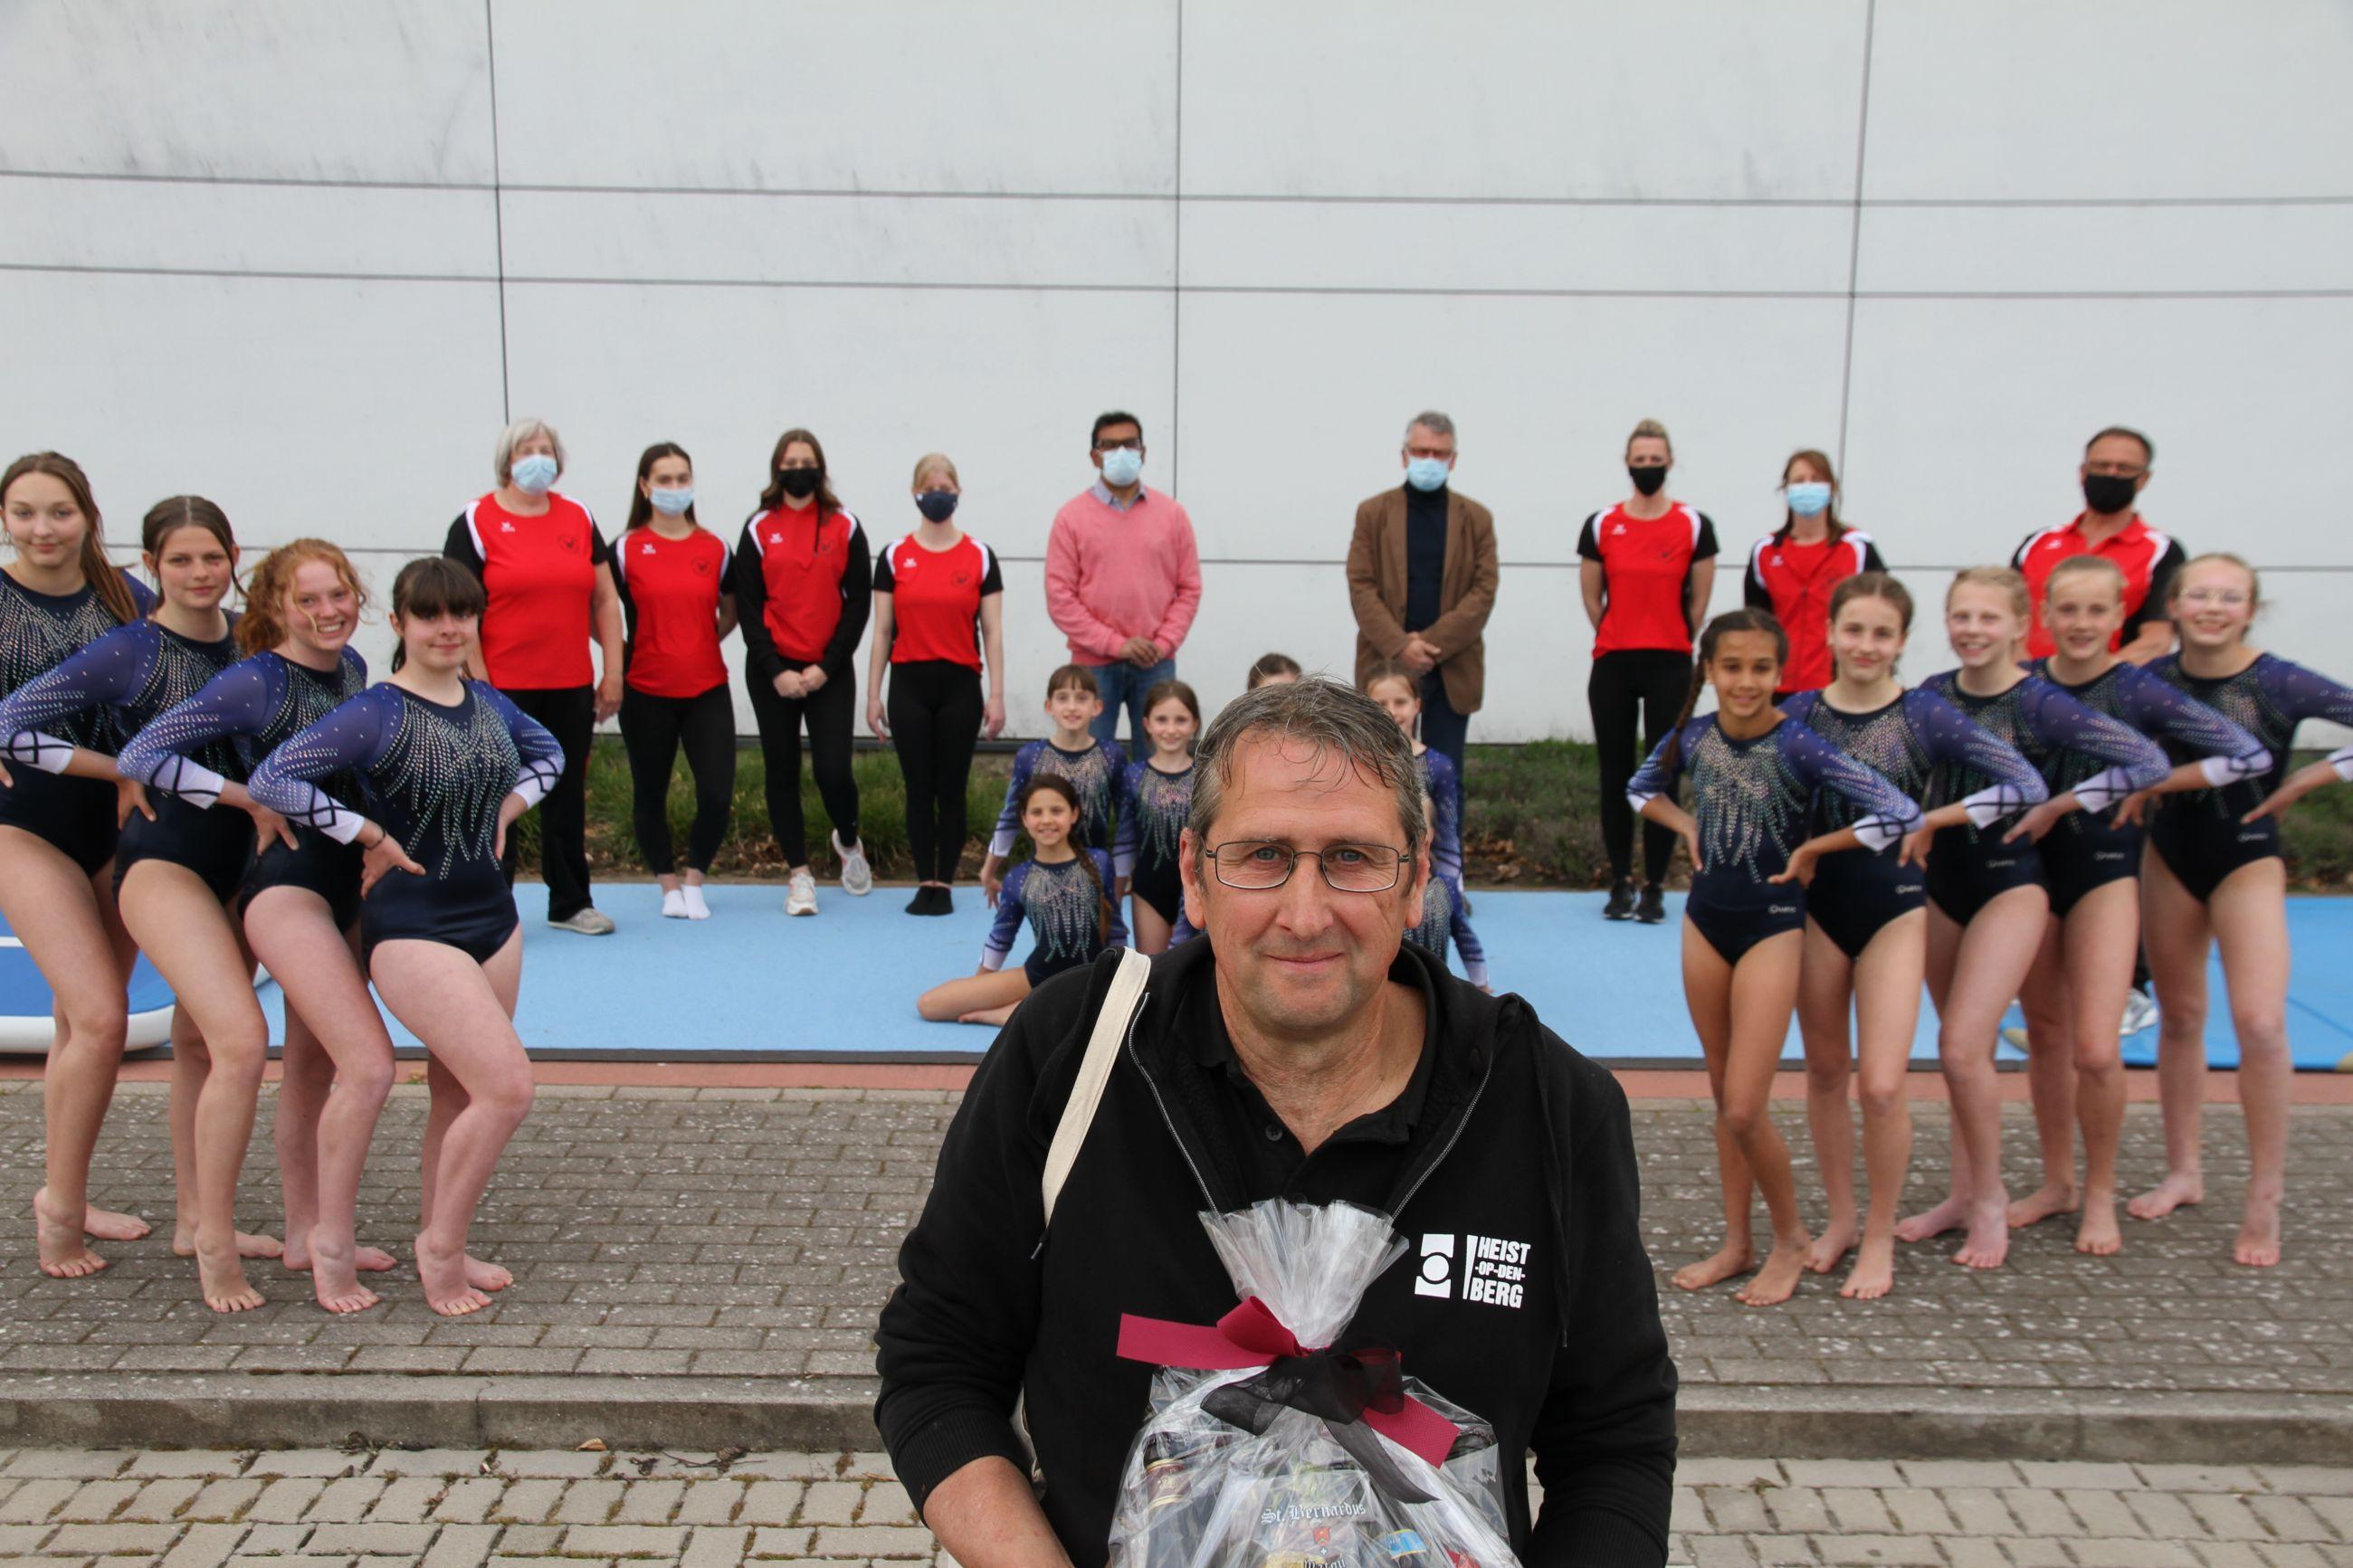 Zaalwachter Wim en collega's houden De Sporthal draaiende